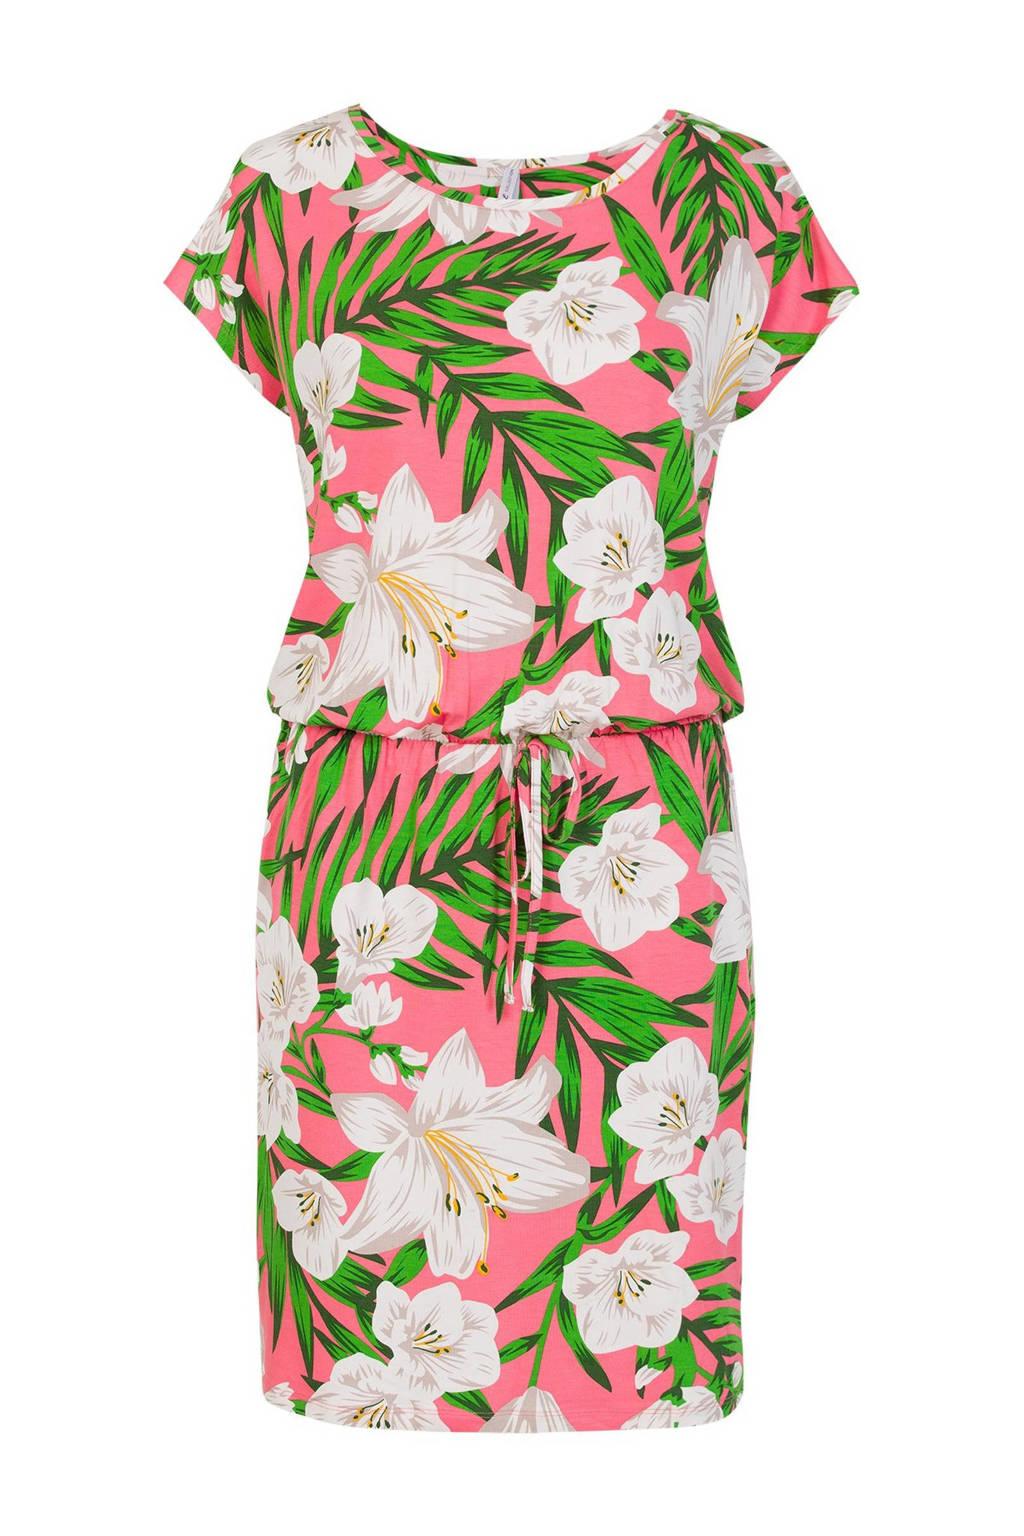 Miss Etam Regulier gebloemde jurk roze/groen/wit, Roze/groen/wit